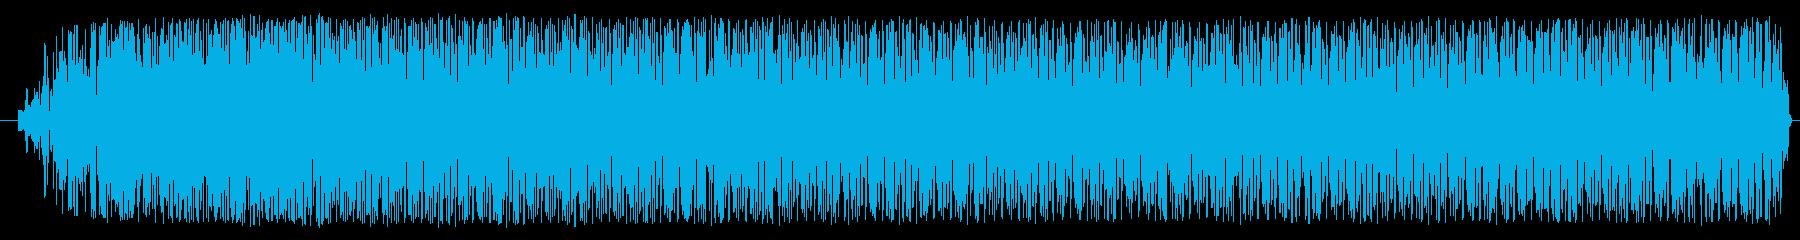 機械、モーター音(低音・一定・ノイズ音)の再生済みの波形